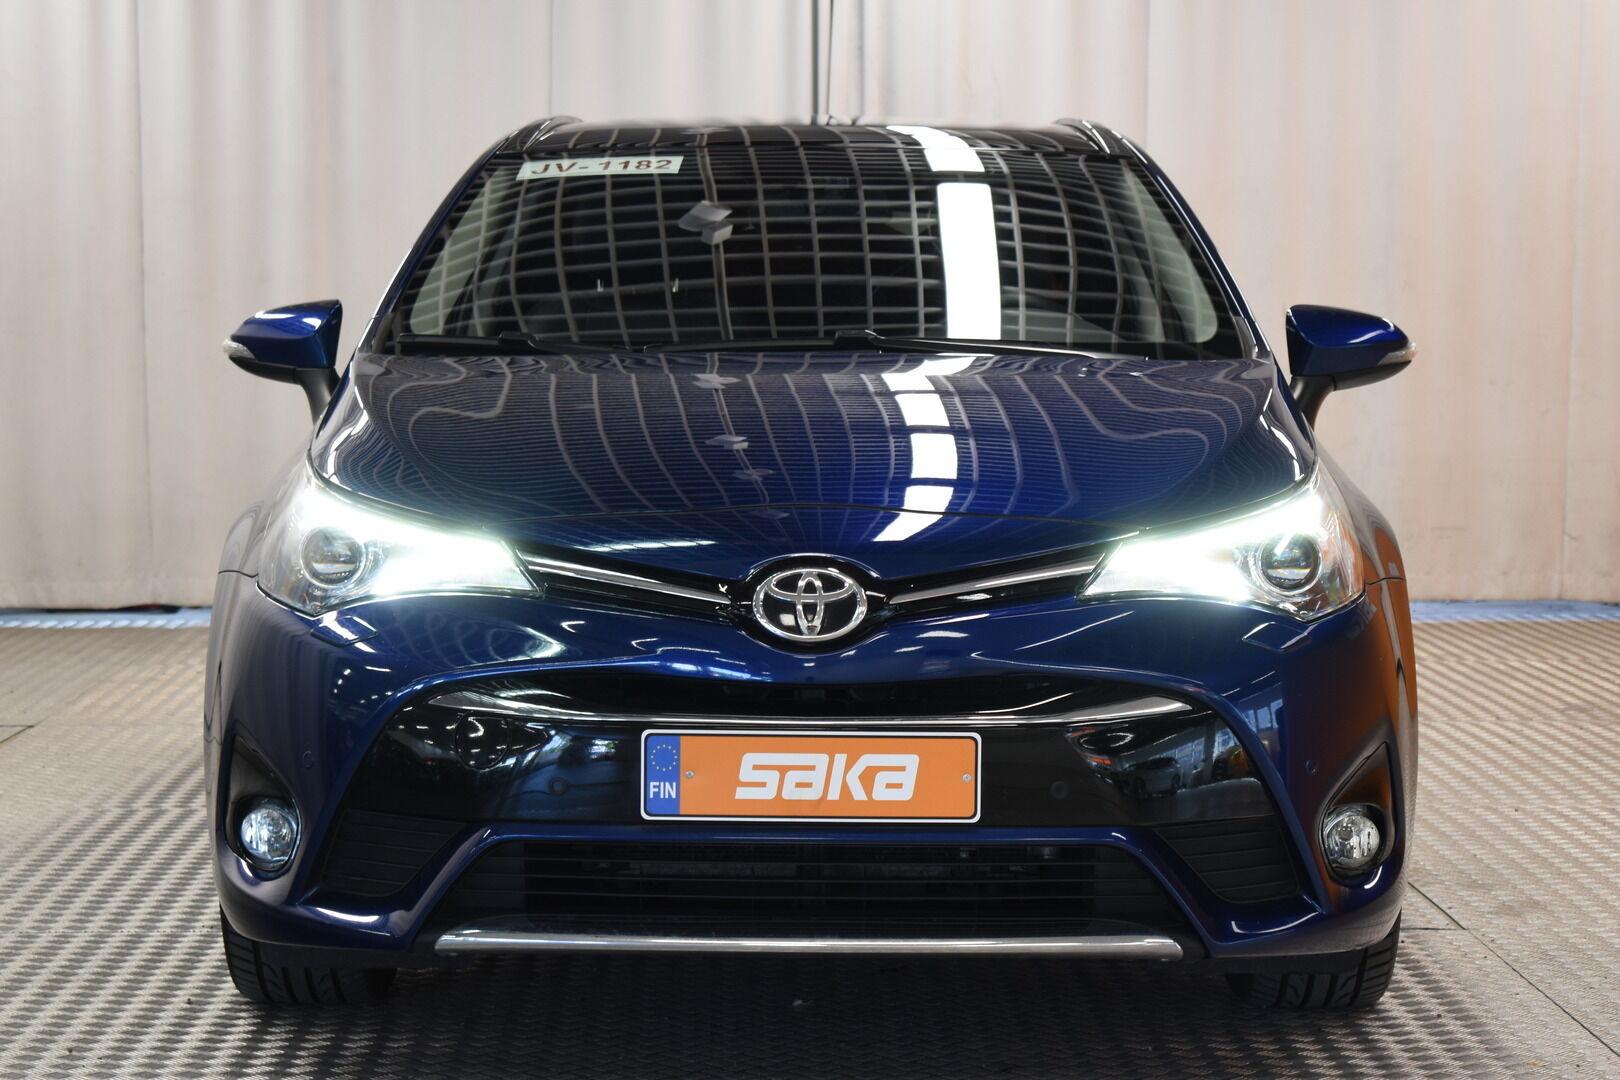 Sininen Farmari, Toyota Avensis – HER-7327, kuva 2